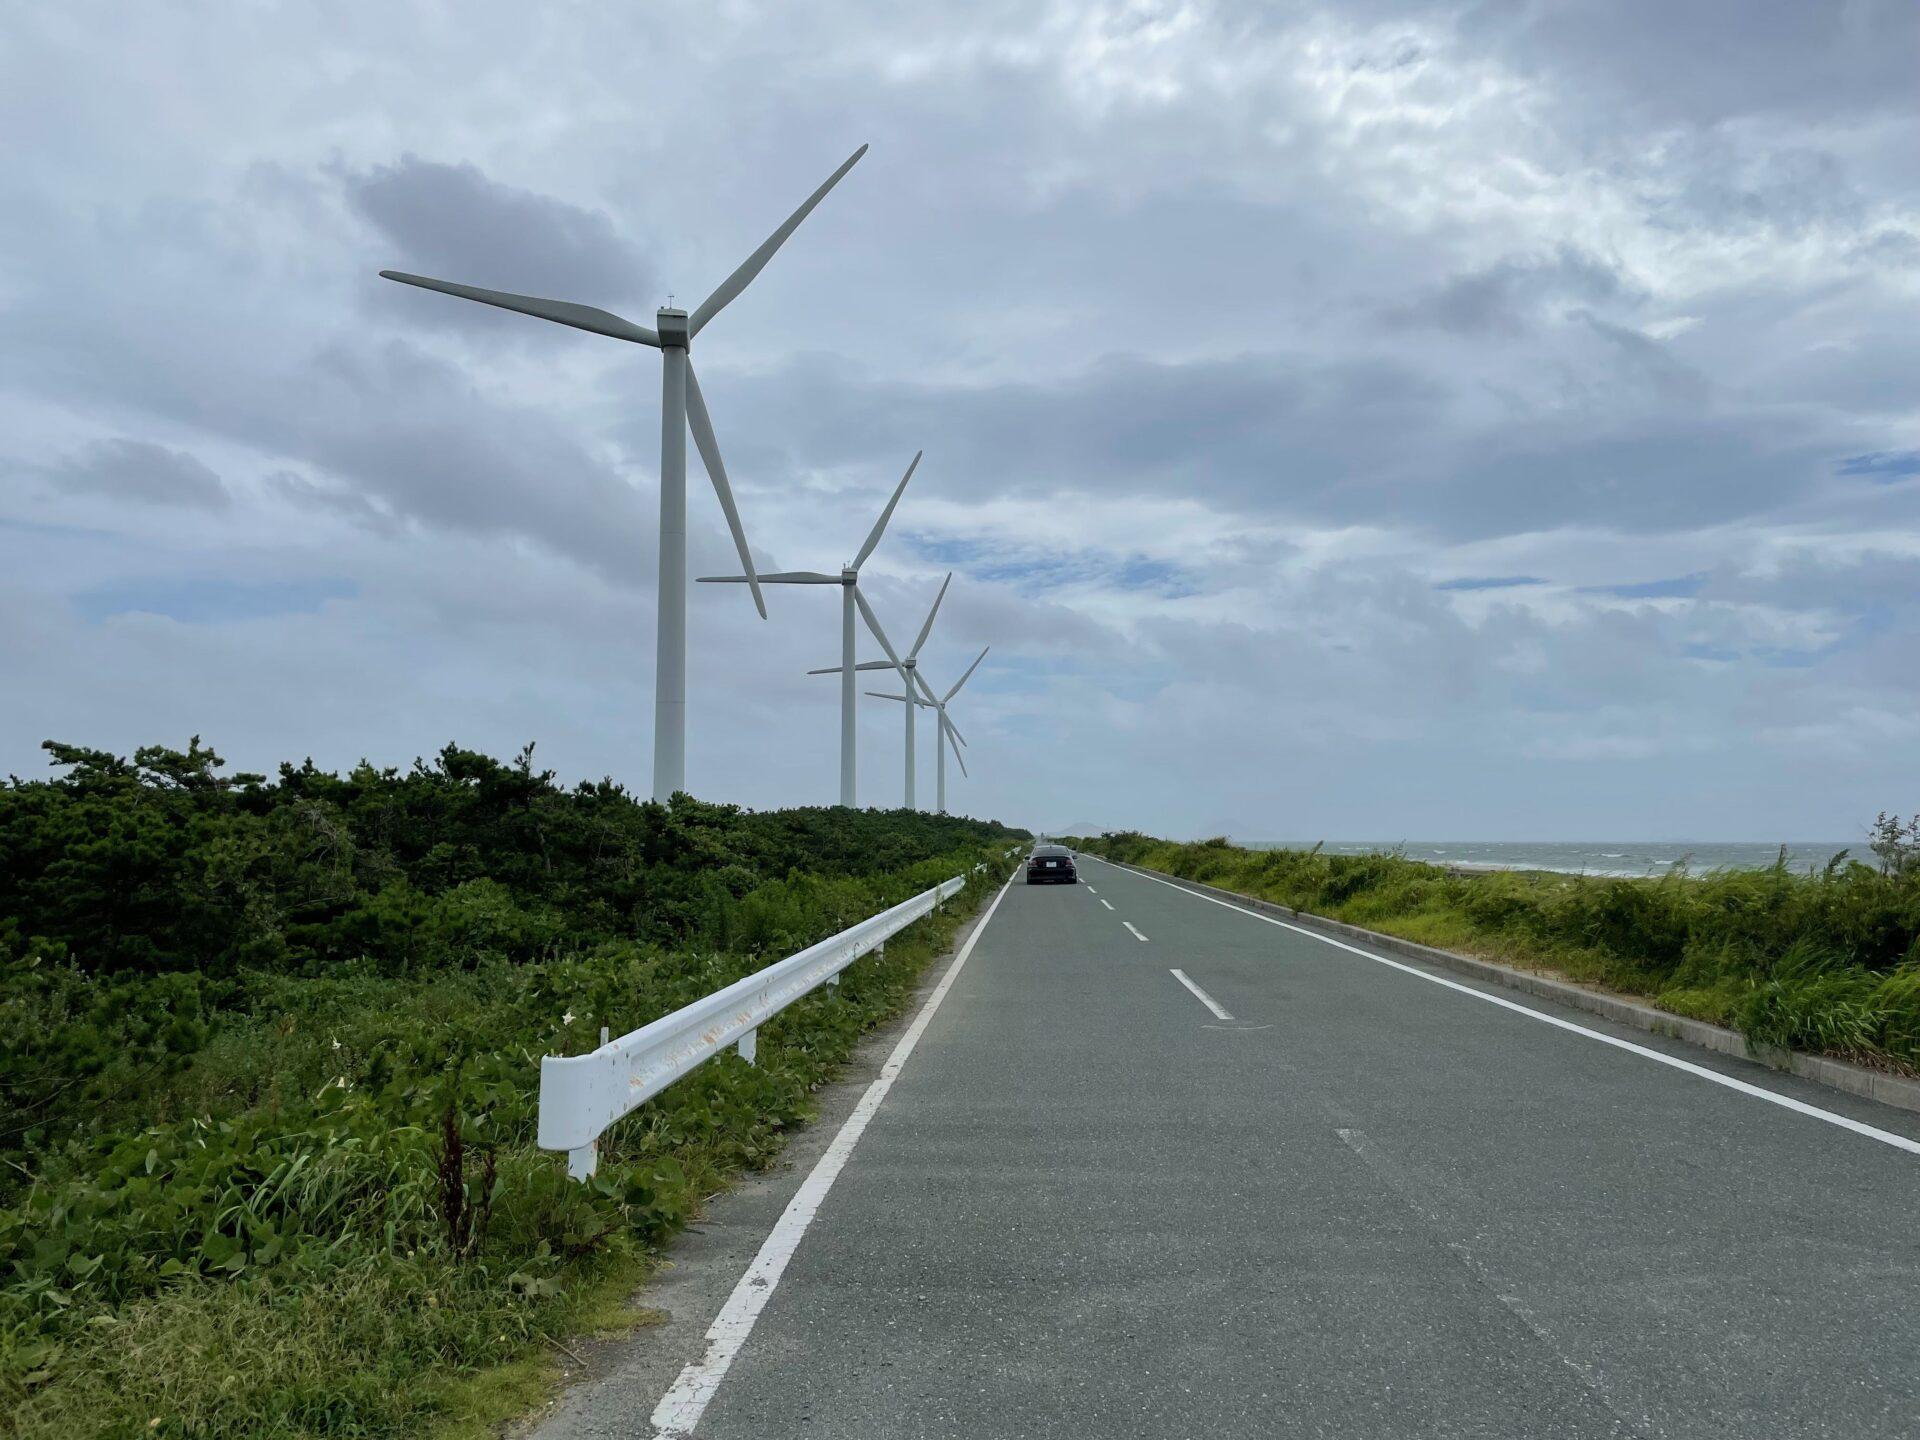 伊良湖トライアスロン バイクコース 風車 折り返し地点